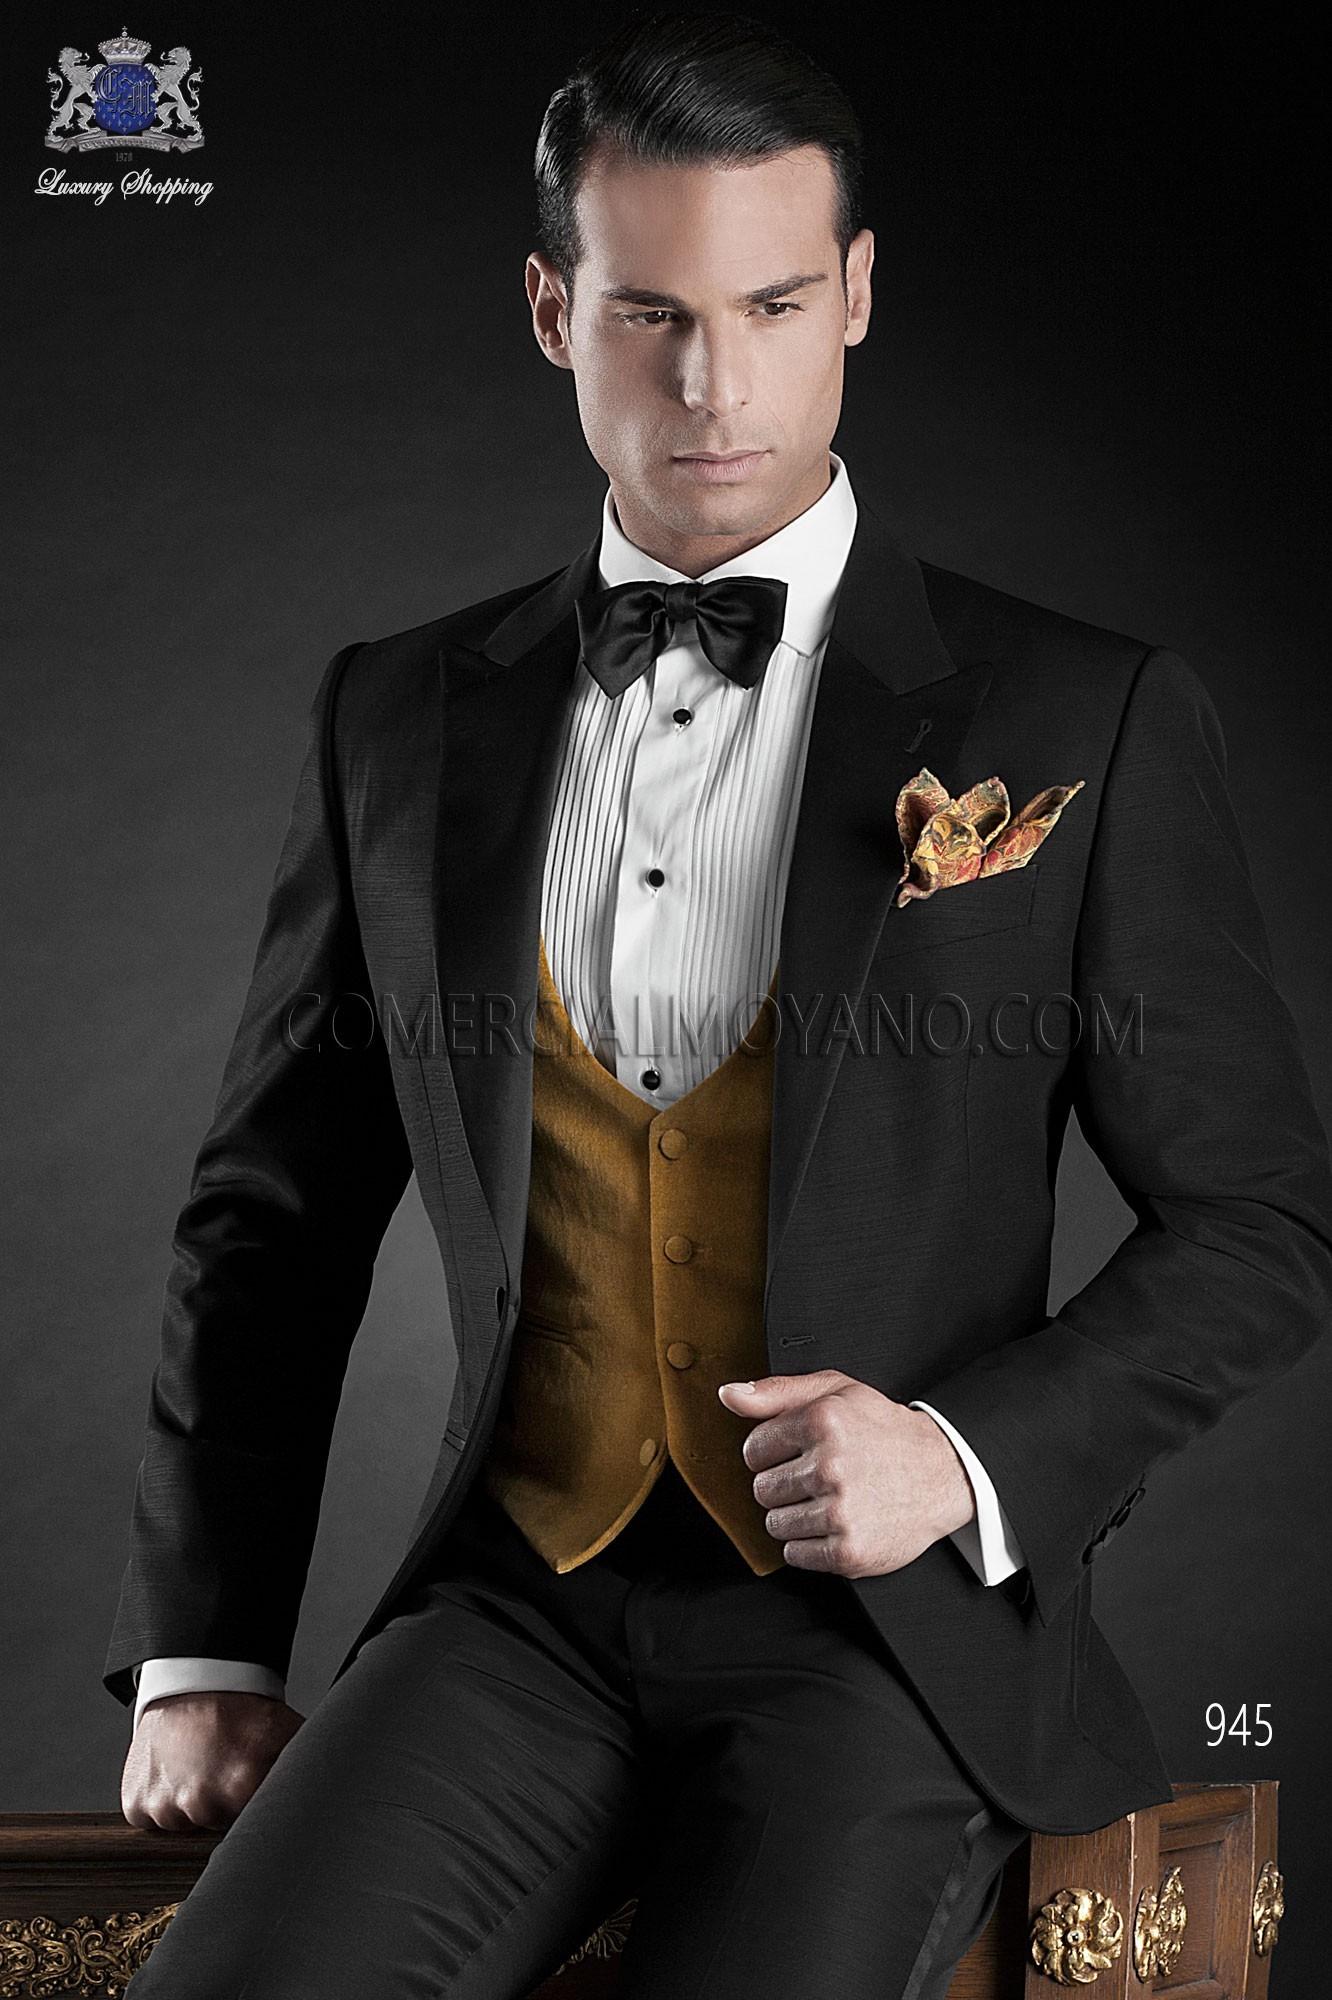 Traje BlackTie de novio negro modelo: 945 Ottavio Nuccio Gala colección Black Tie